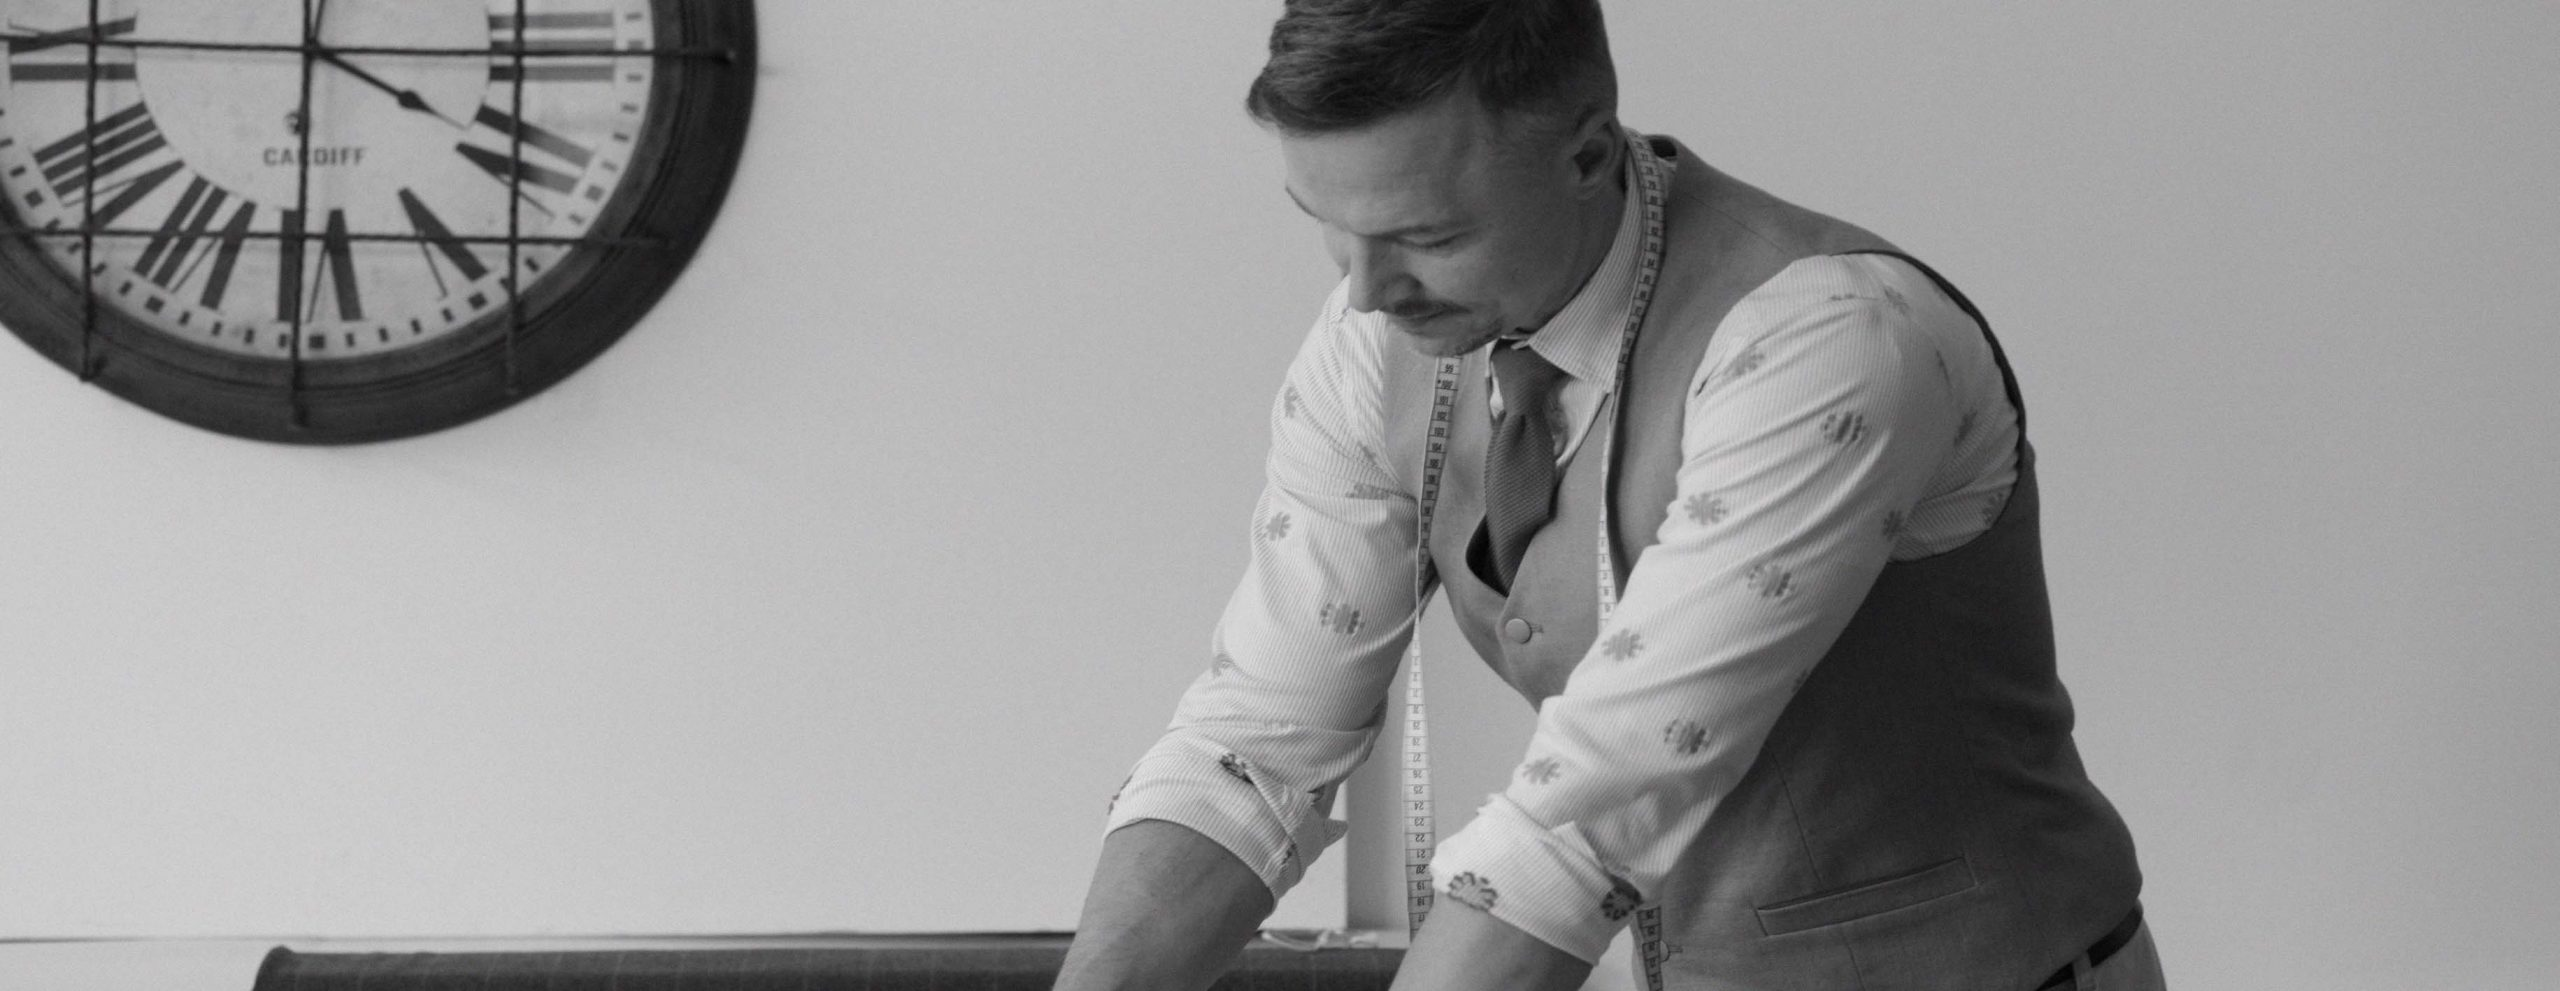 oliver-kresse-schneider-tailor-designer-modedesign